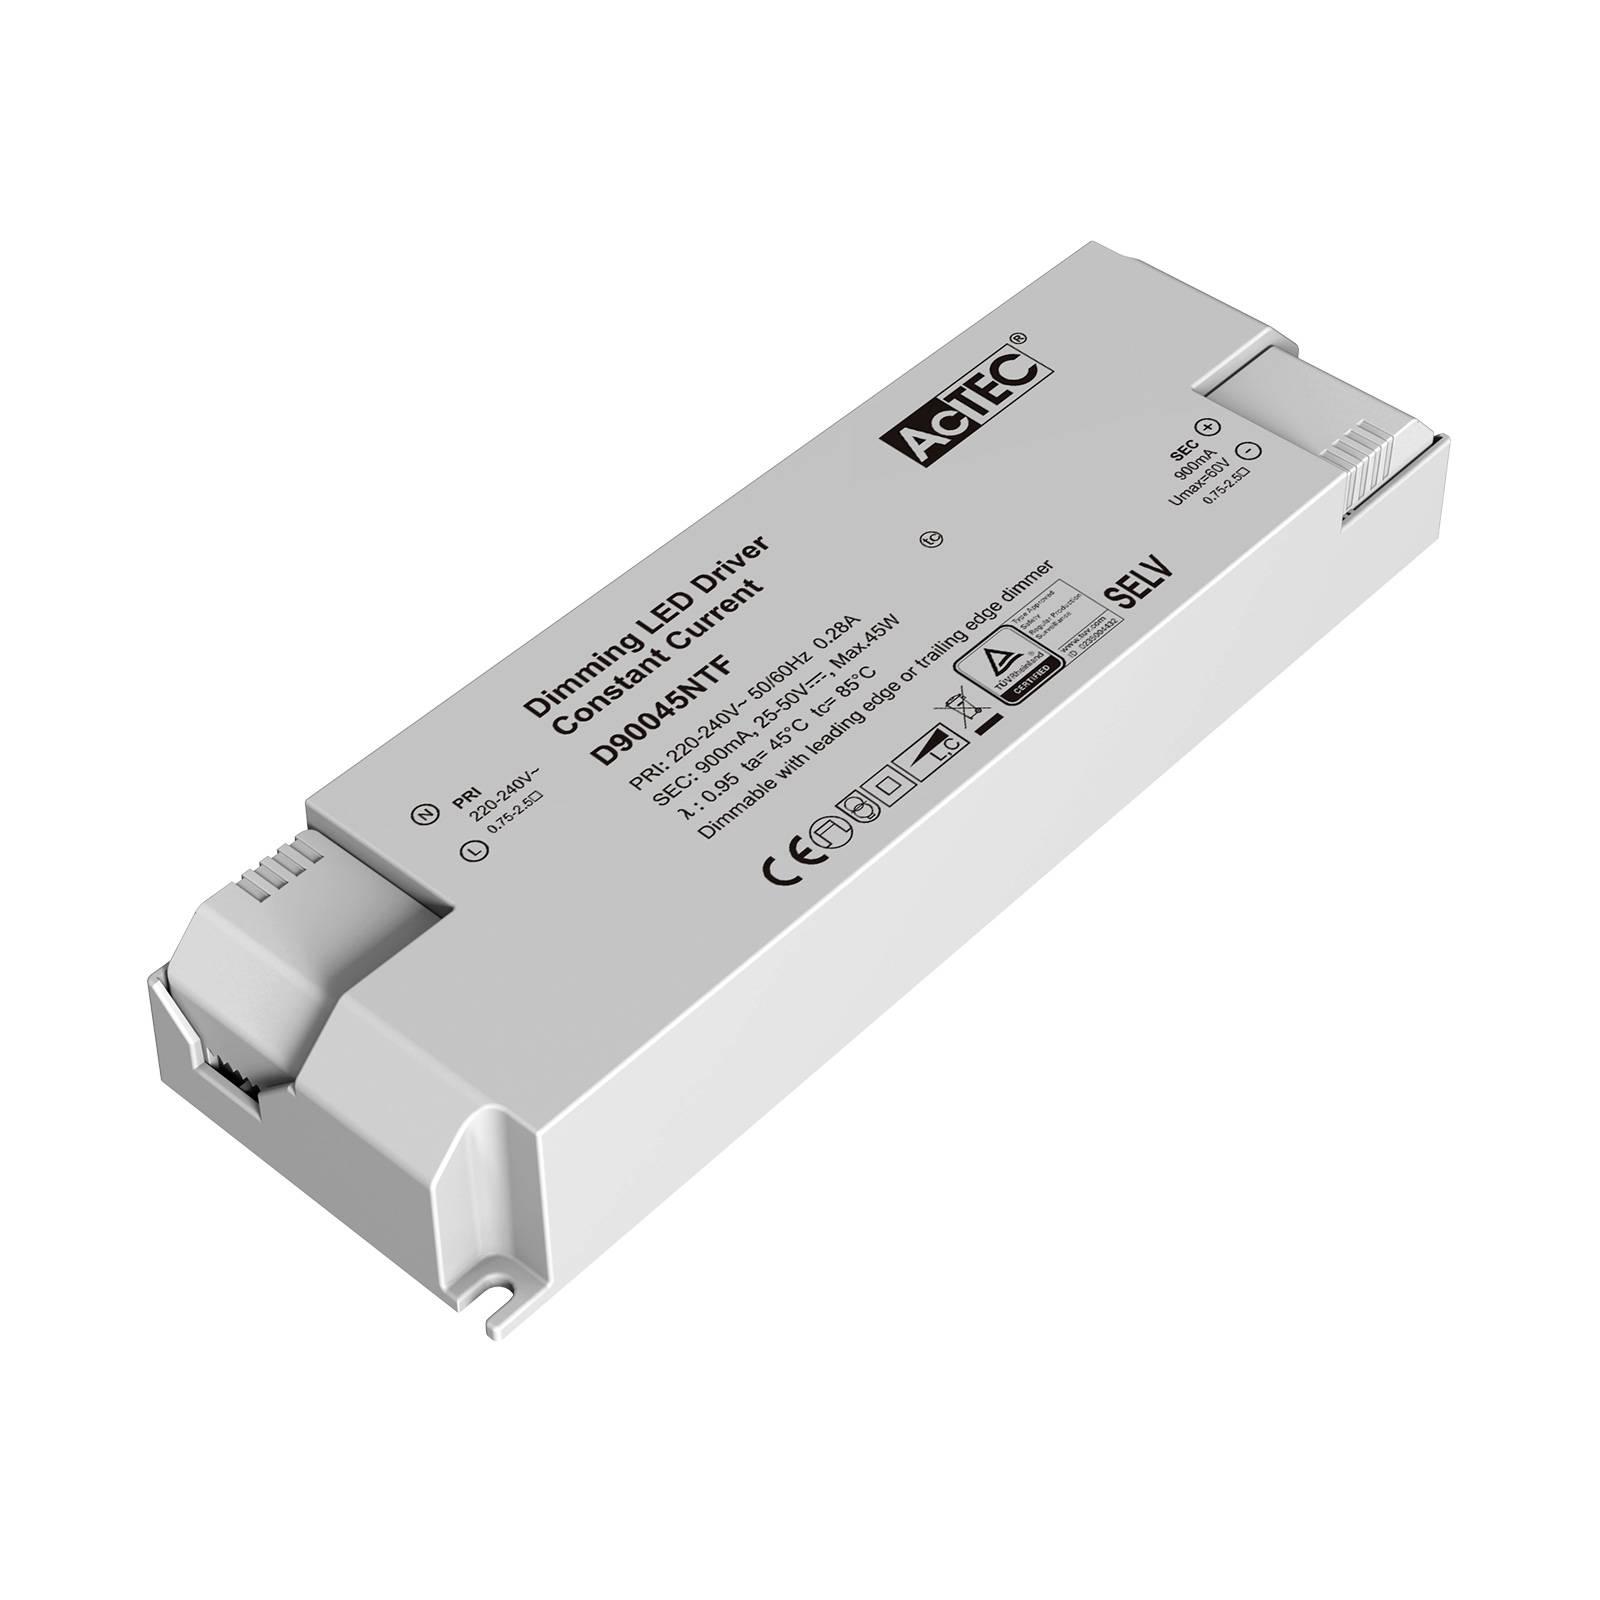 ACTEC AcTEC Triac LED ovladač CC max. 45W 900mA